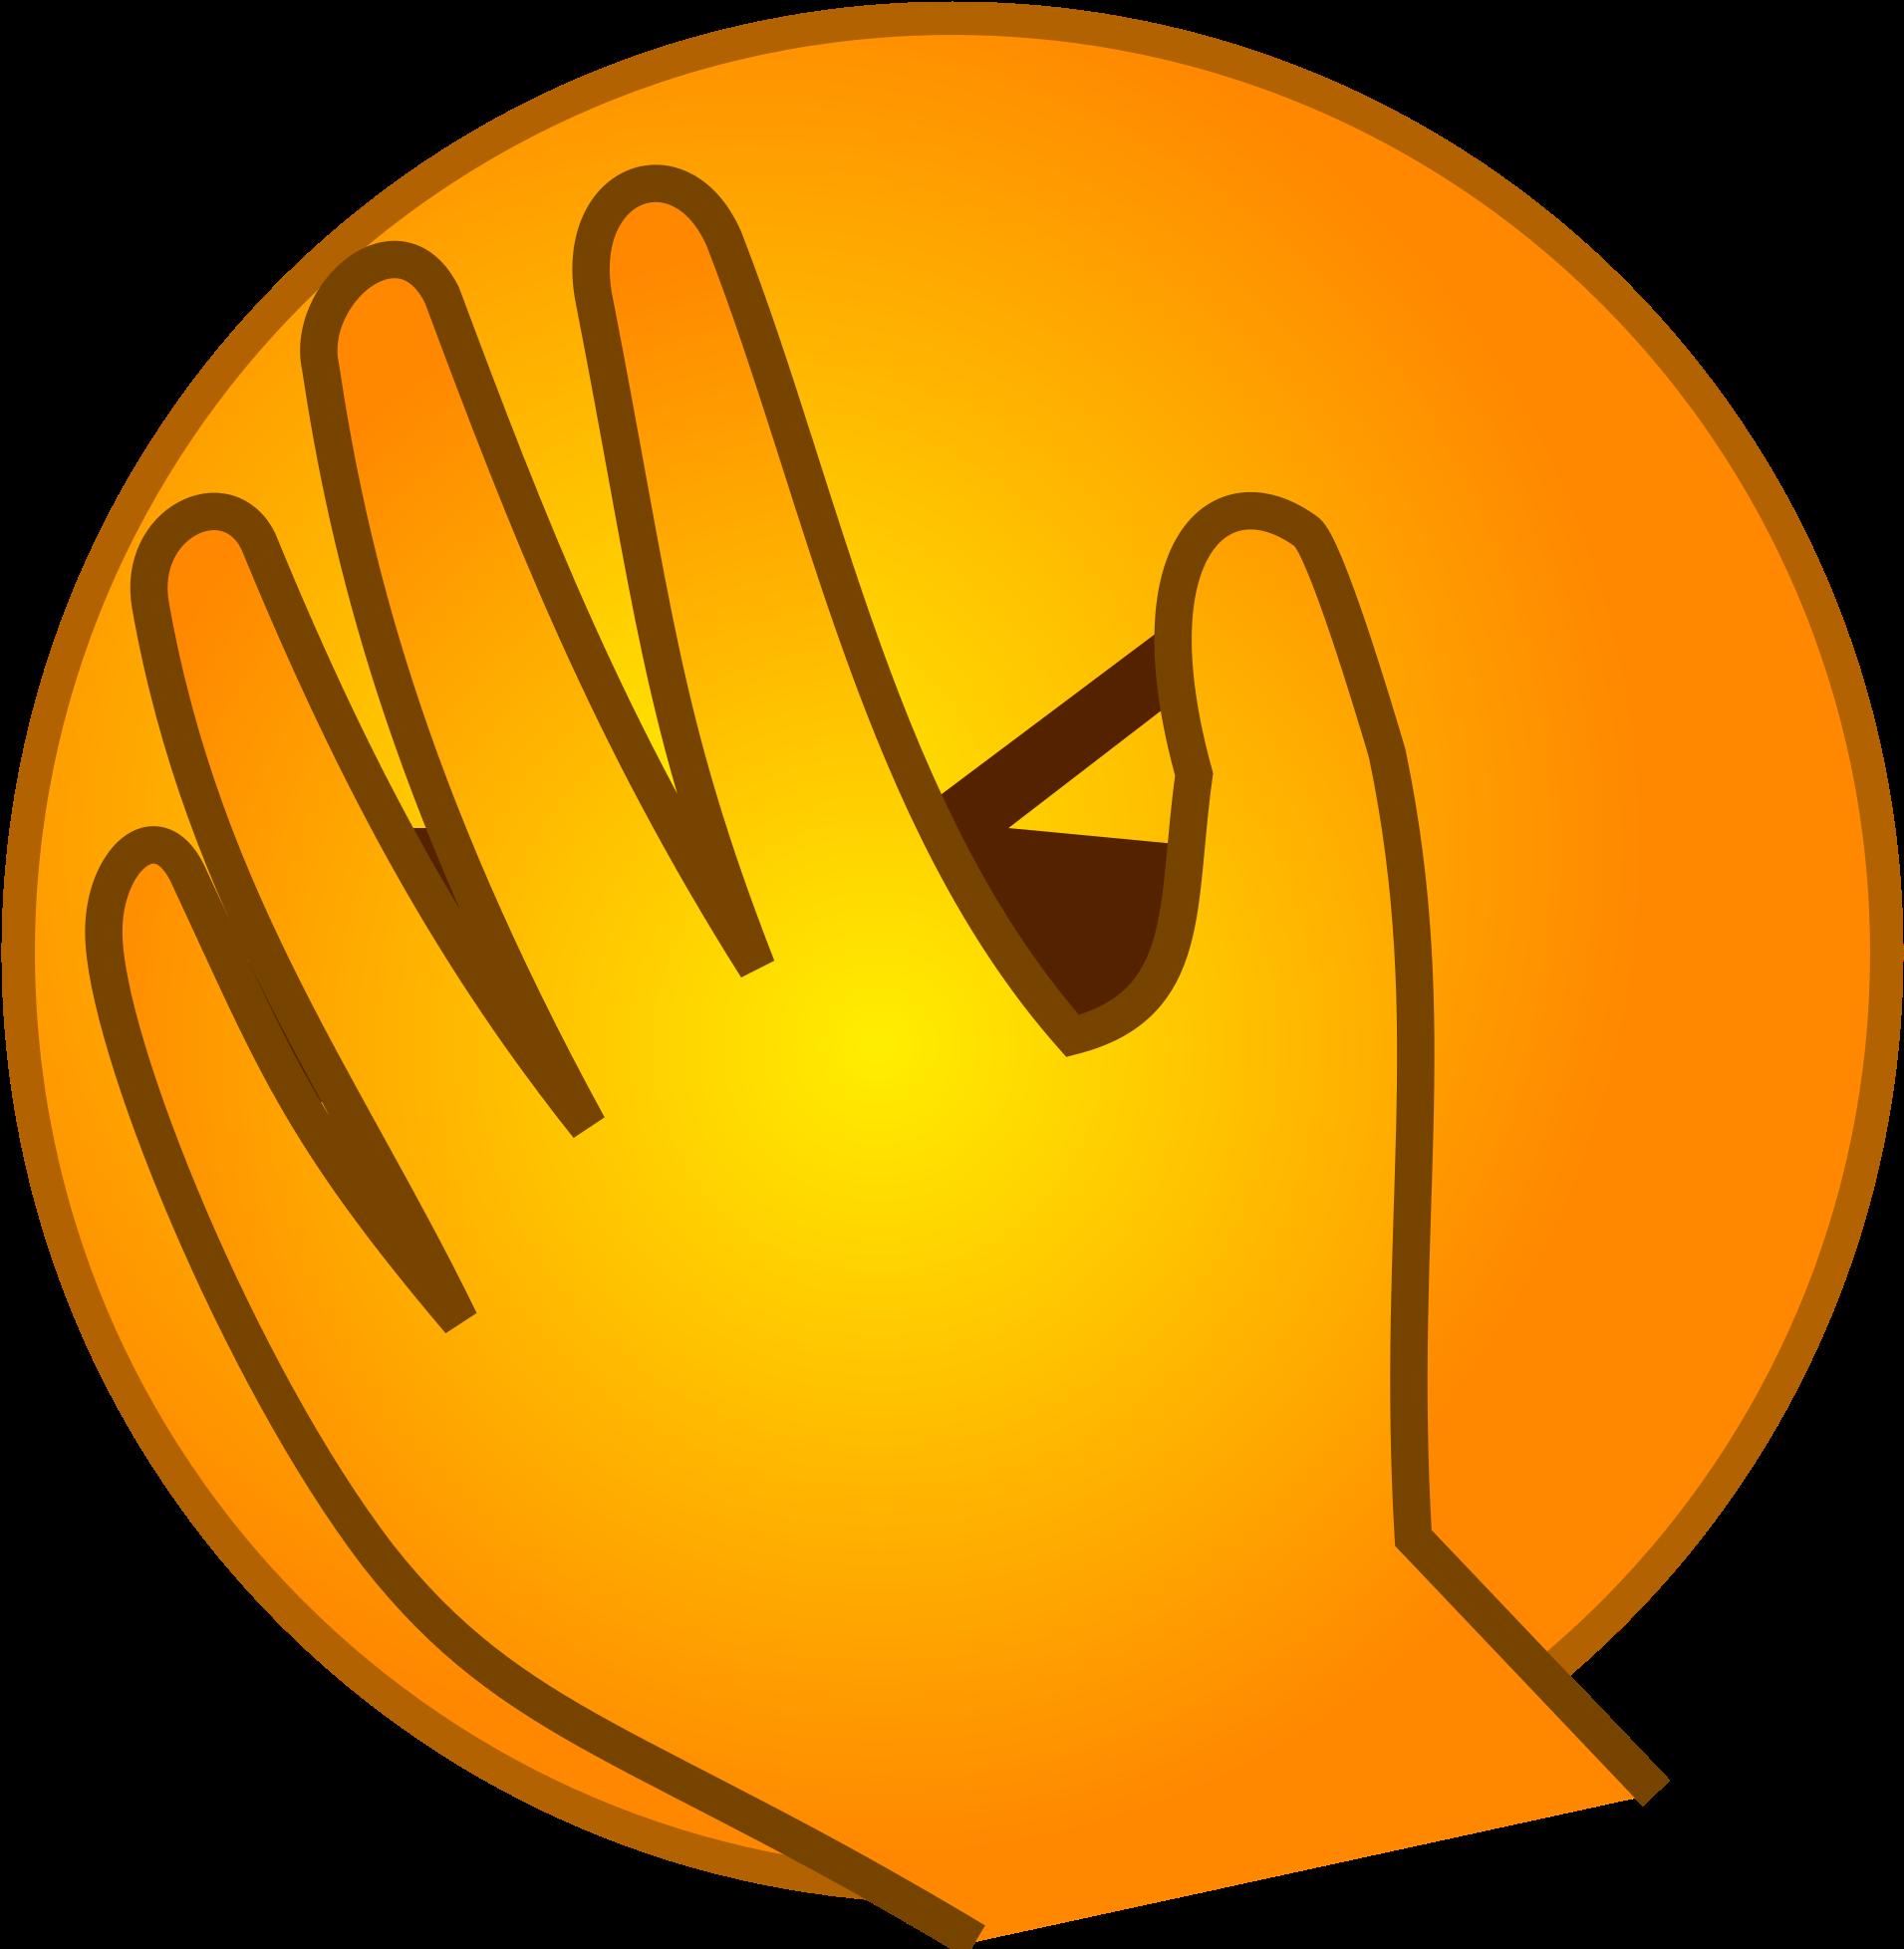 Смайлик закрывающий лицо рукой картинки